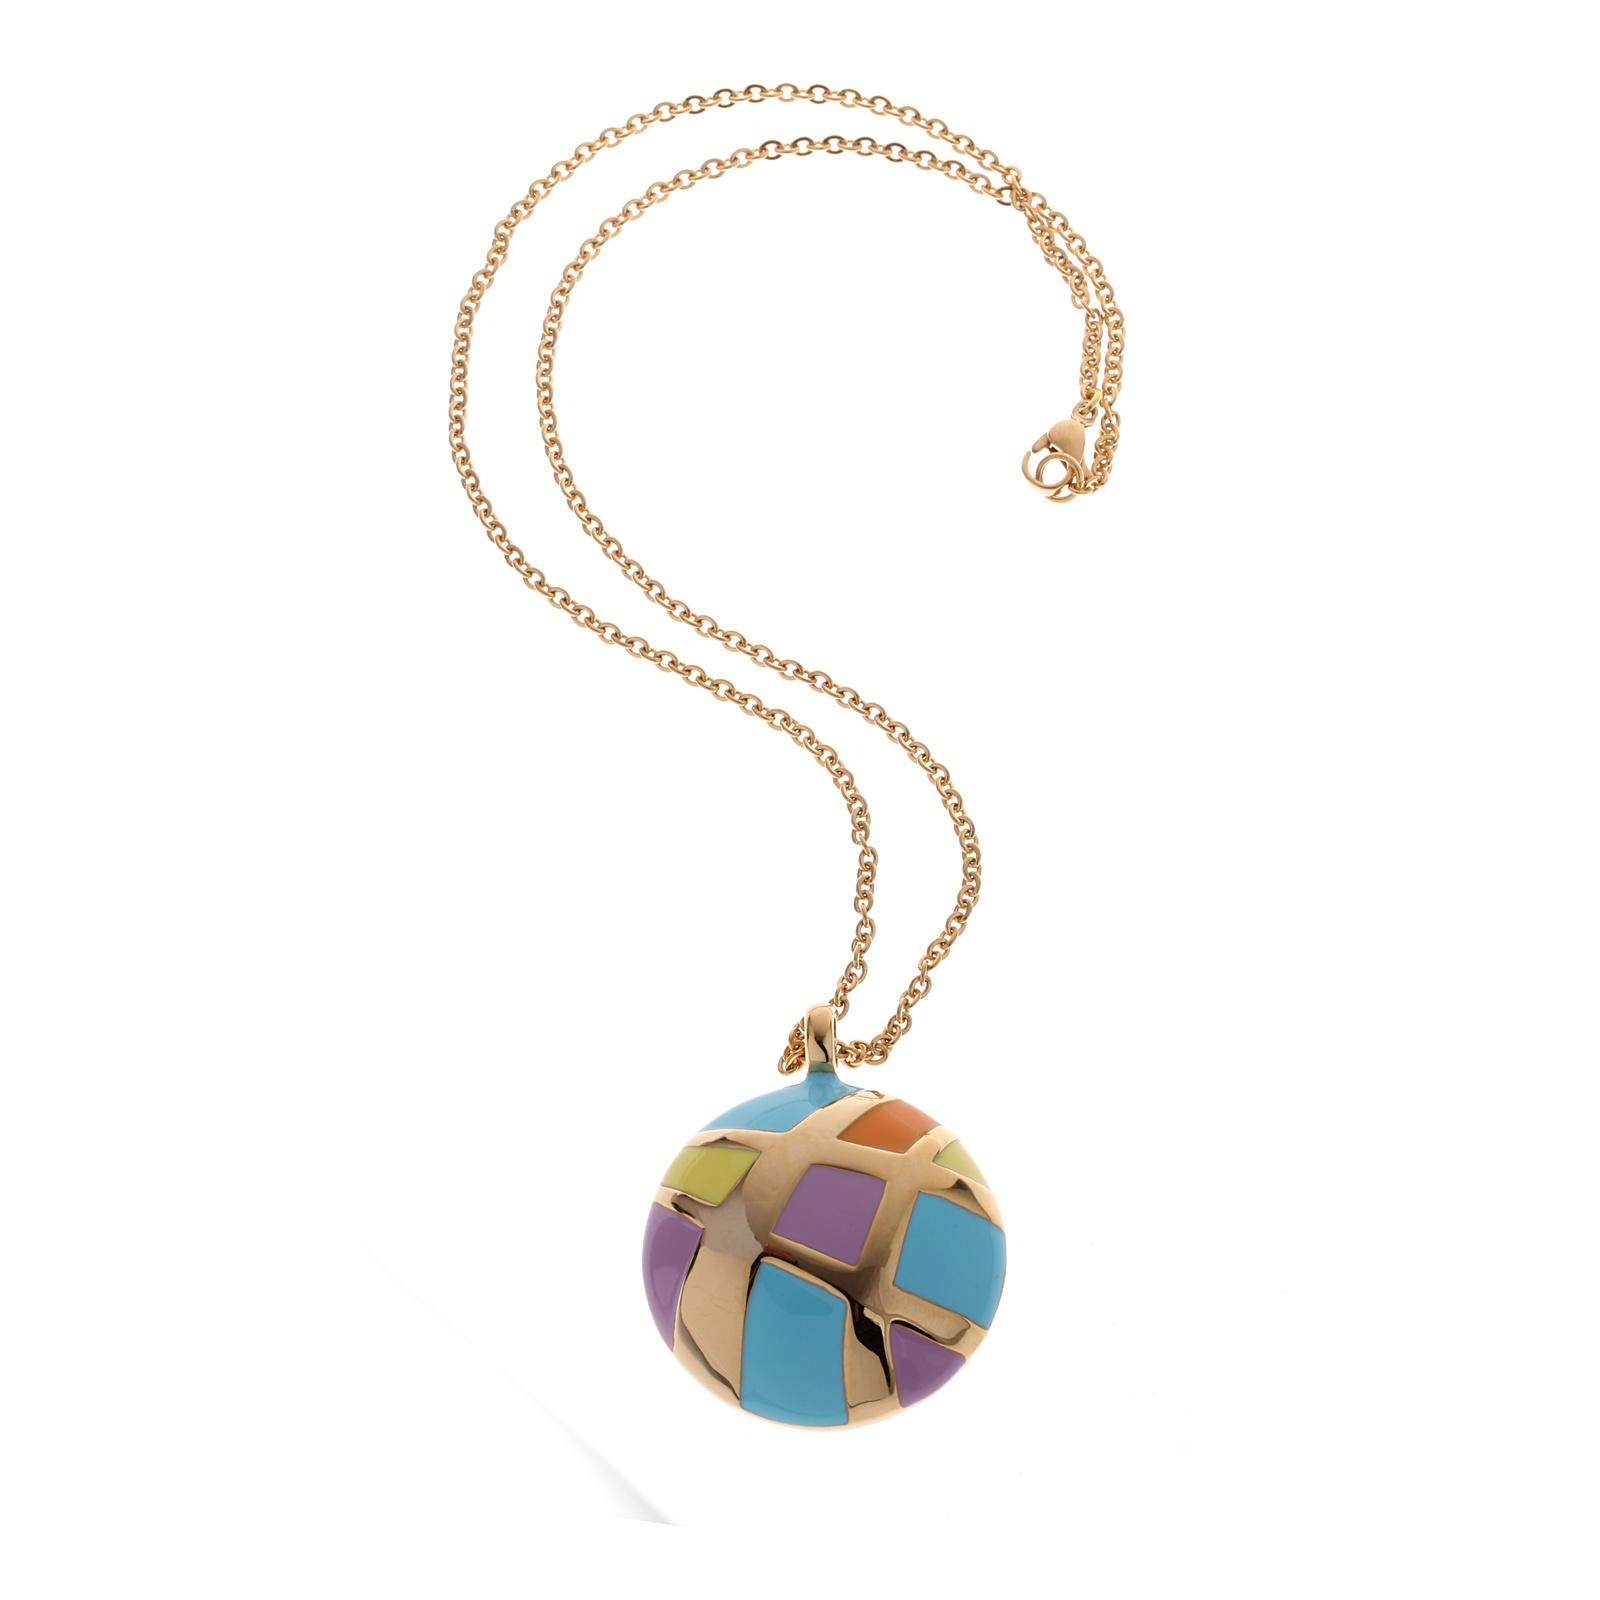 Колье/ожерелье бижутерное Fiore Luna Колье, Гипоаллергенный сплав, Эмаль, 45 см, BP01412-2 M, голубой, желтый, сиреневый, оранжевый, зеленый